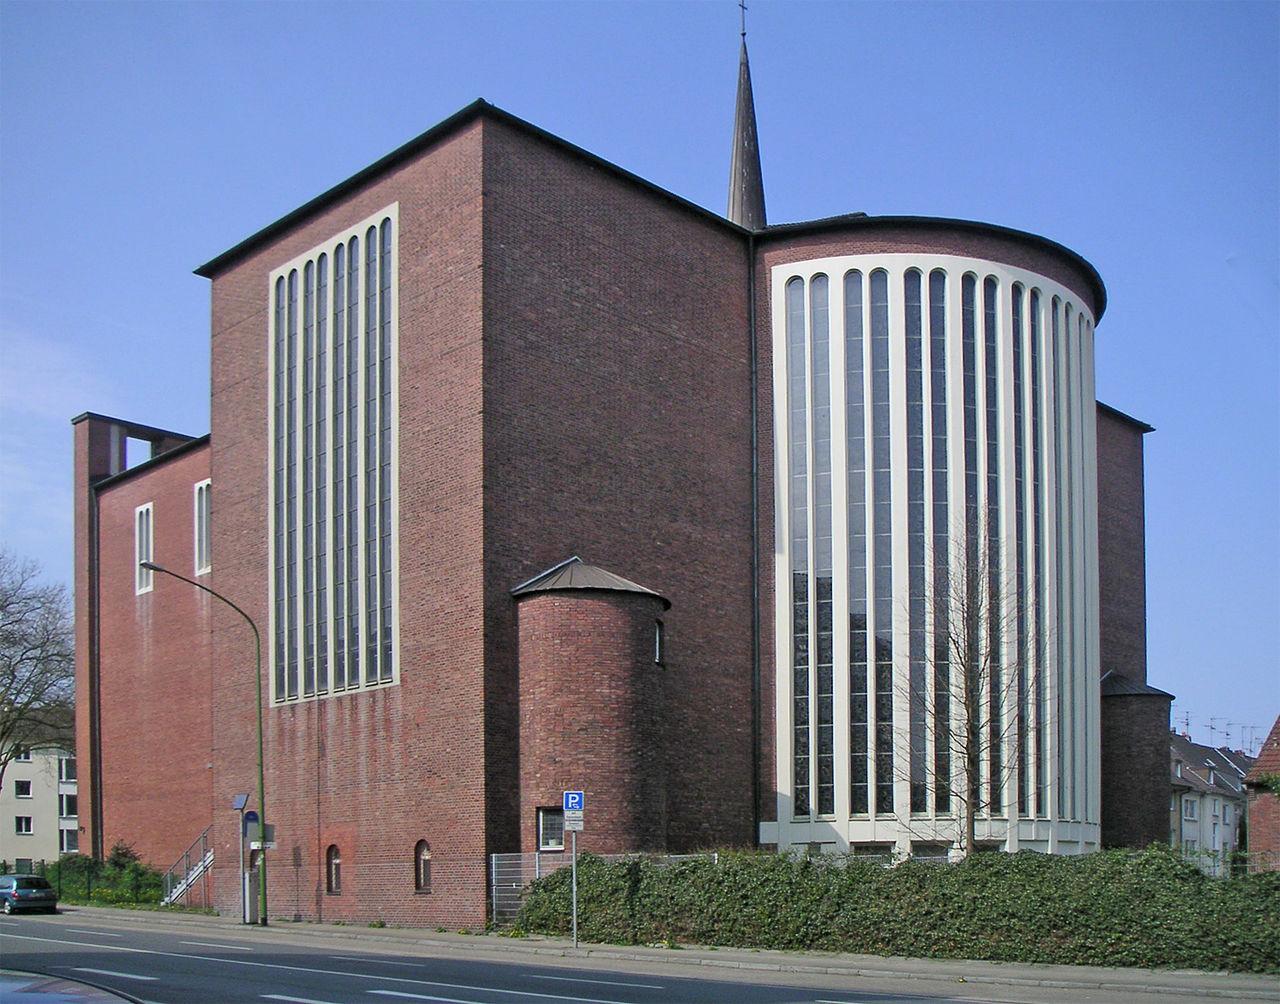 Bild Kirche St. Engelbert Essen